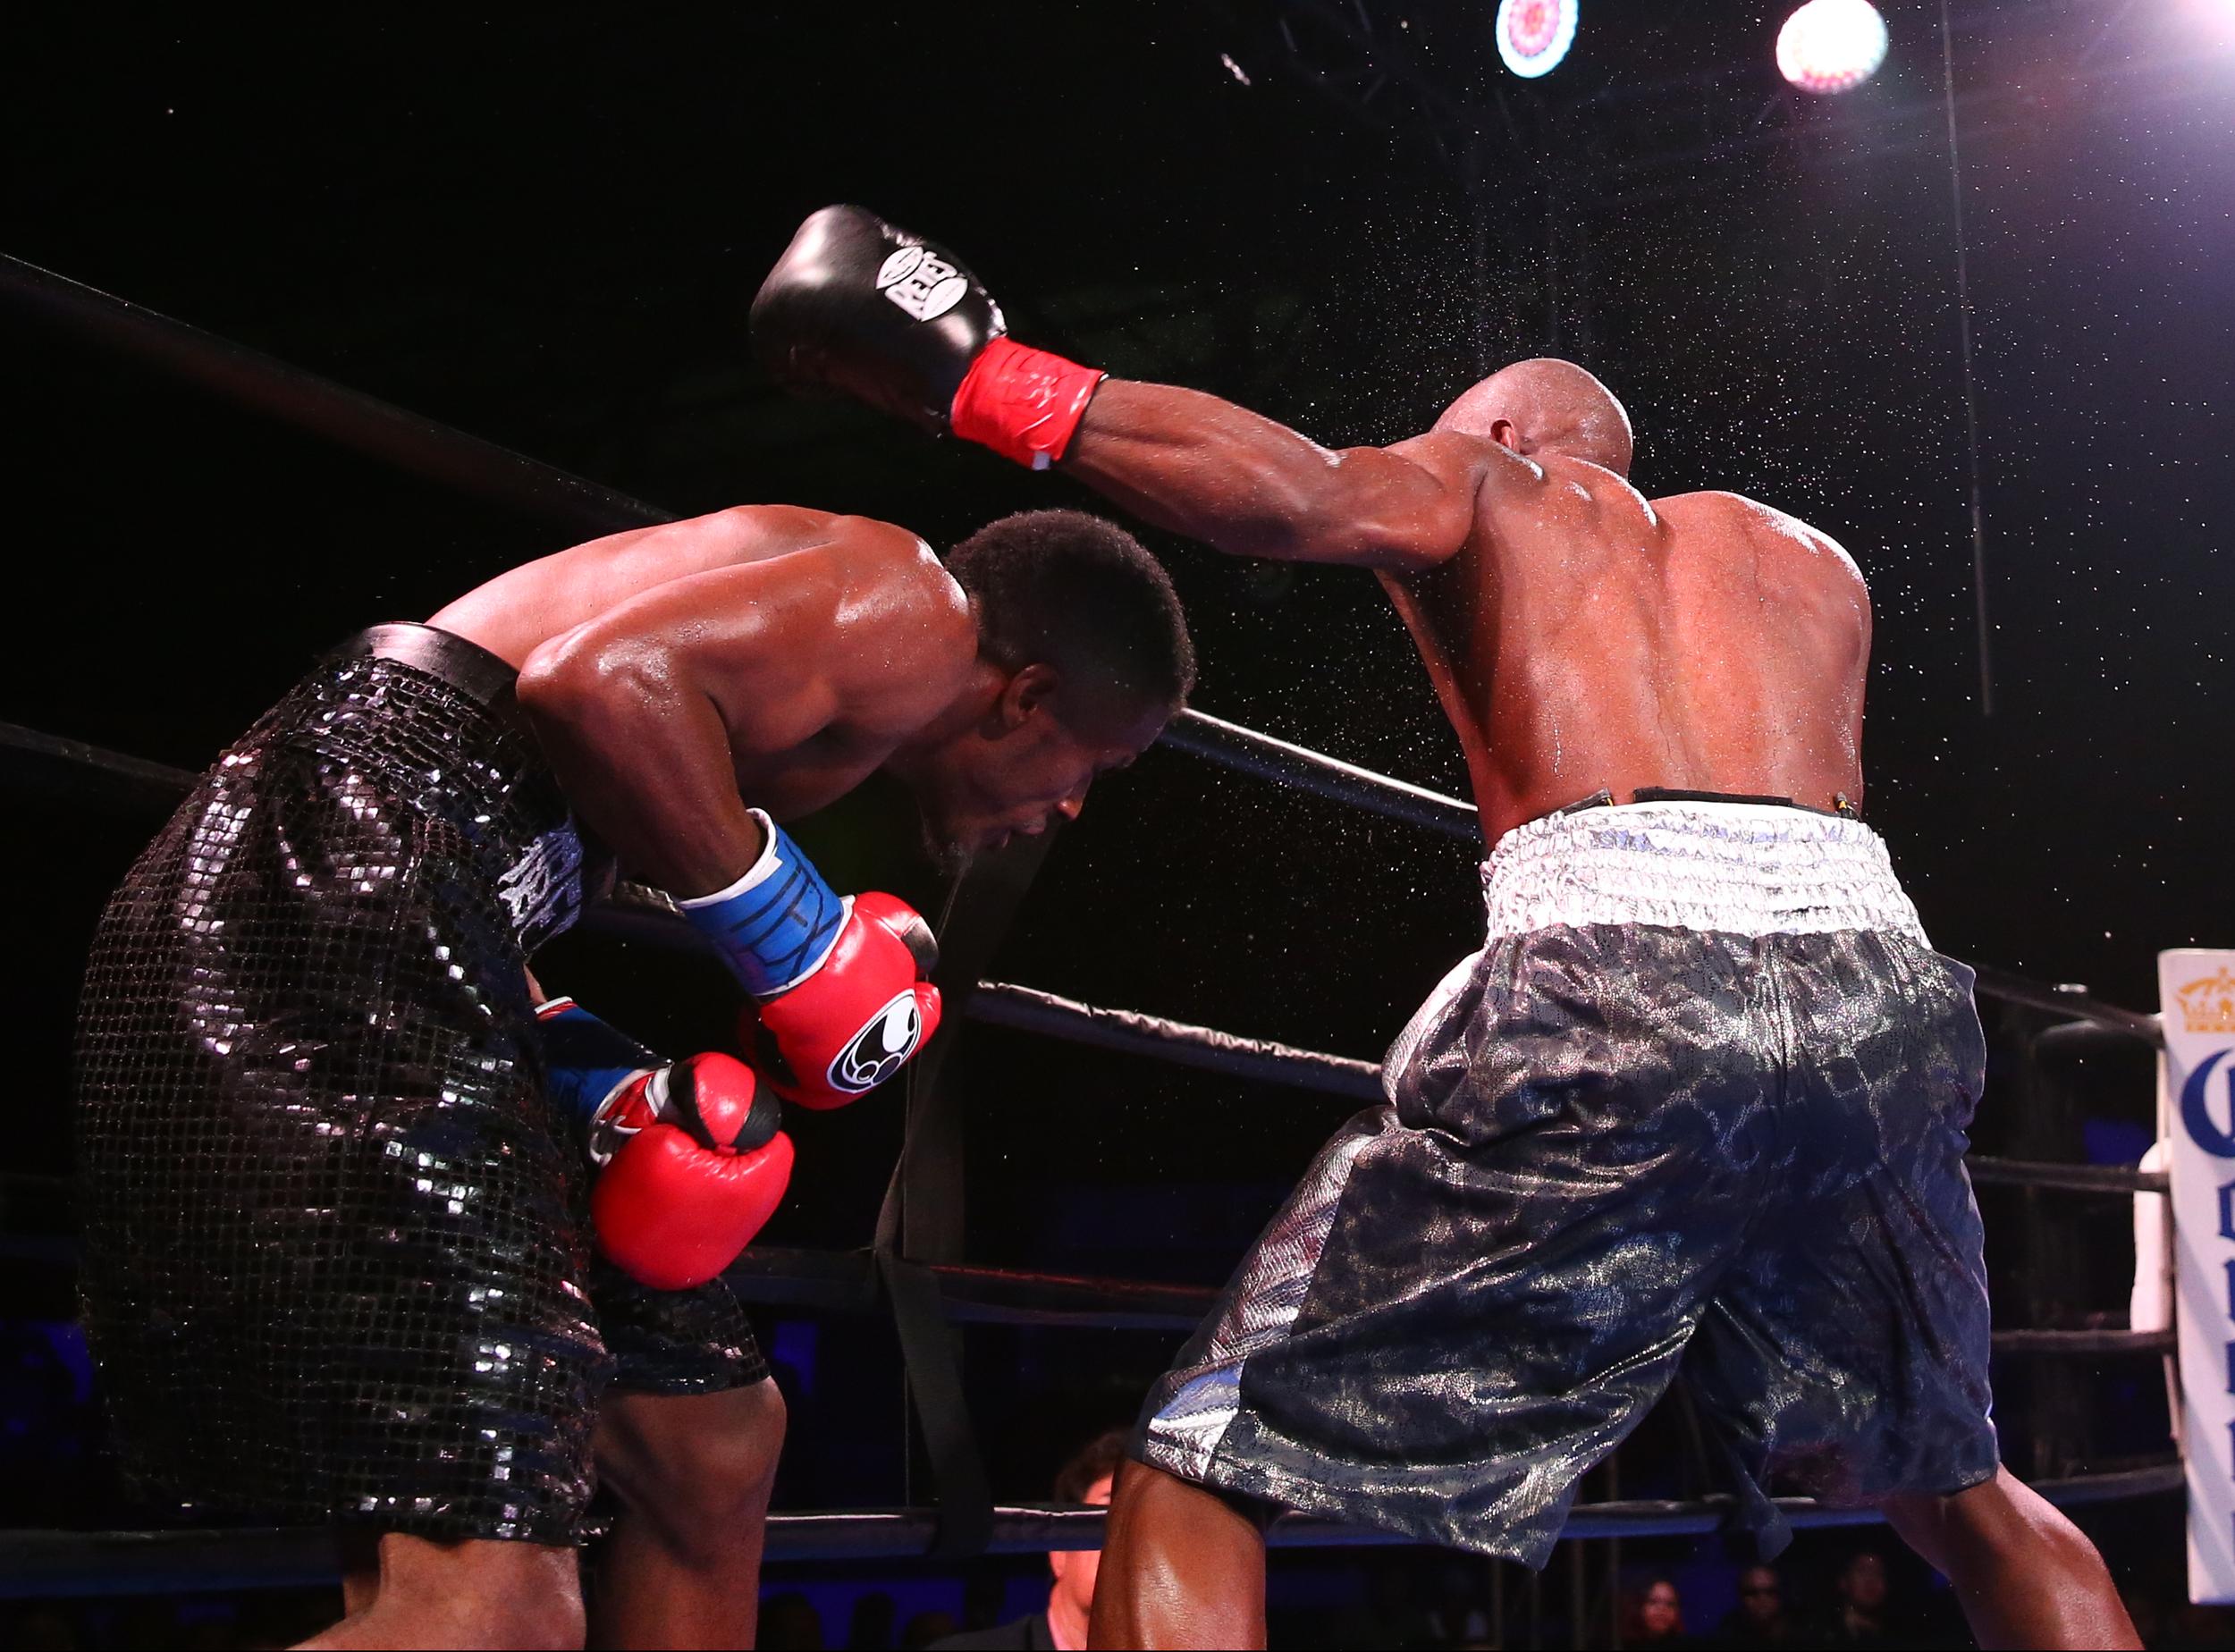 SASP- 20151031 - PBC Boxing - 2247 - 4279.JPG